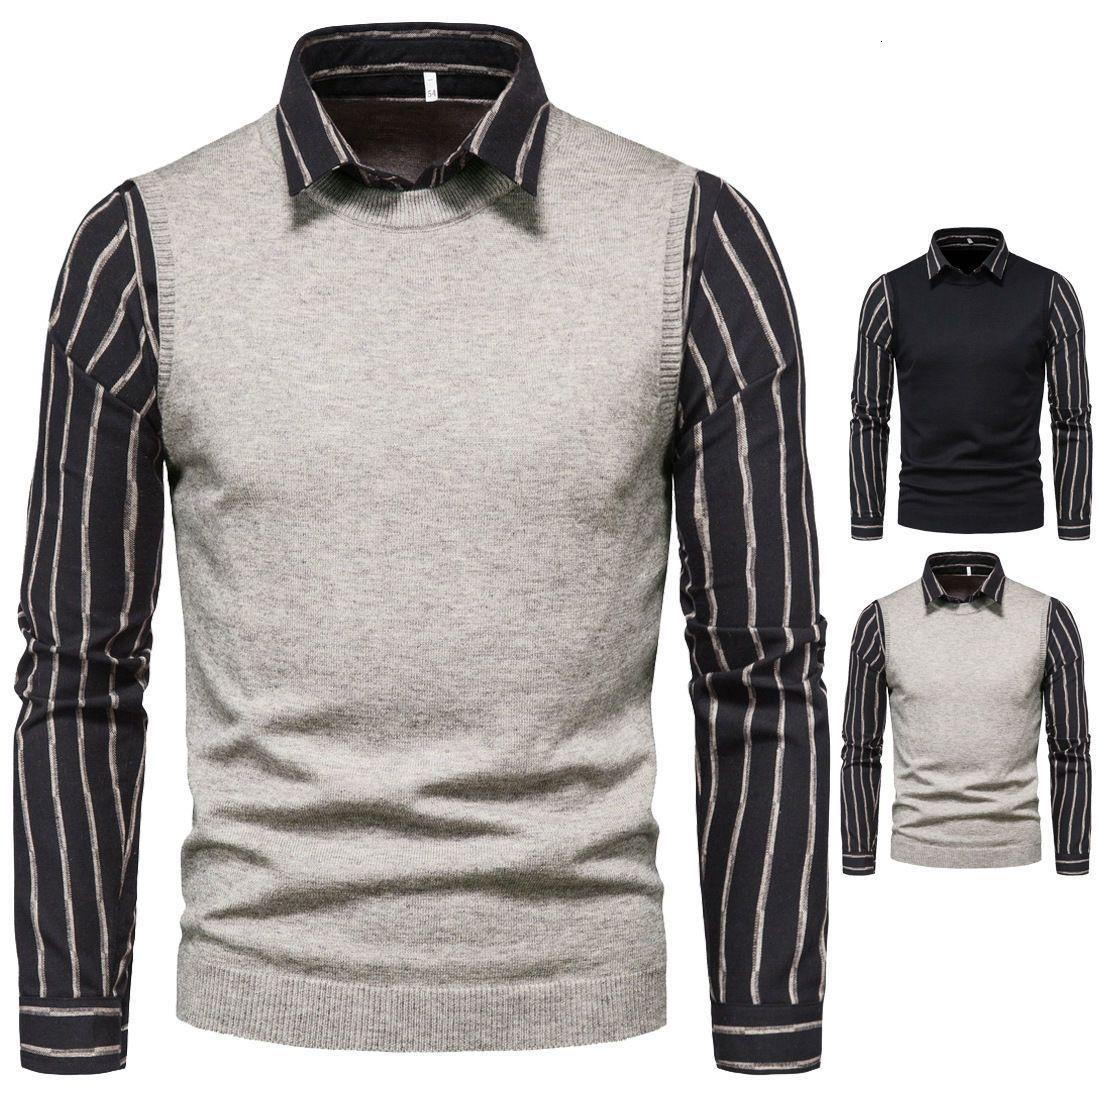 Maglioni da uomo in primavera e autunno camicia a righe a soffietto a due pezzi maglione a due pezzi business casual top a maniche lunghe slim pullover maschio